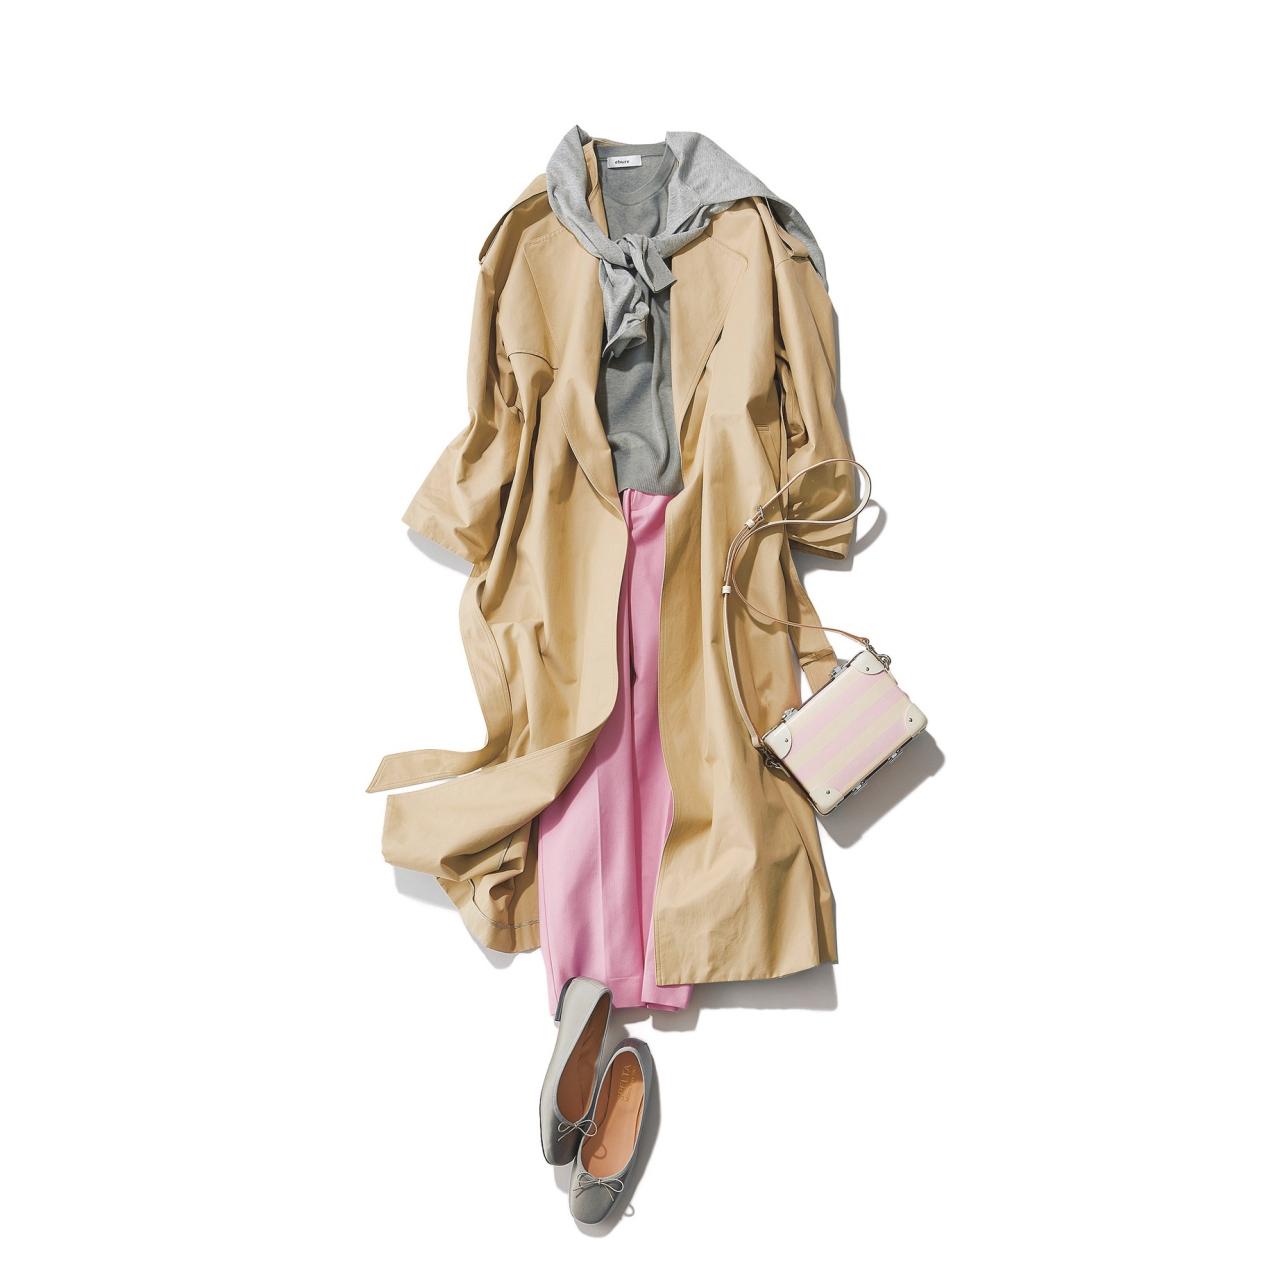 ピンクの細身パンツ×トレンチコート&グレー色ニットのファッションコーデ